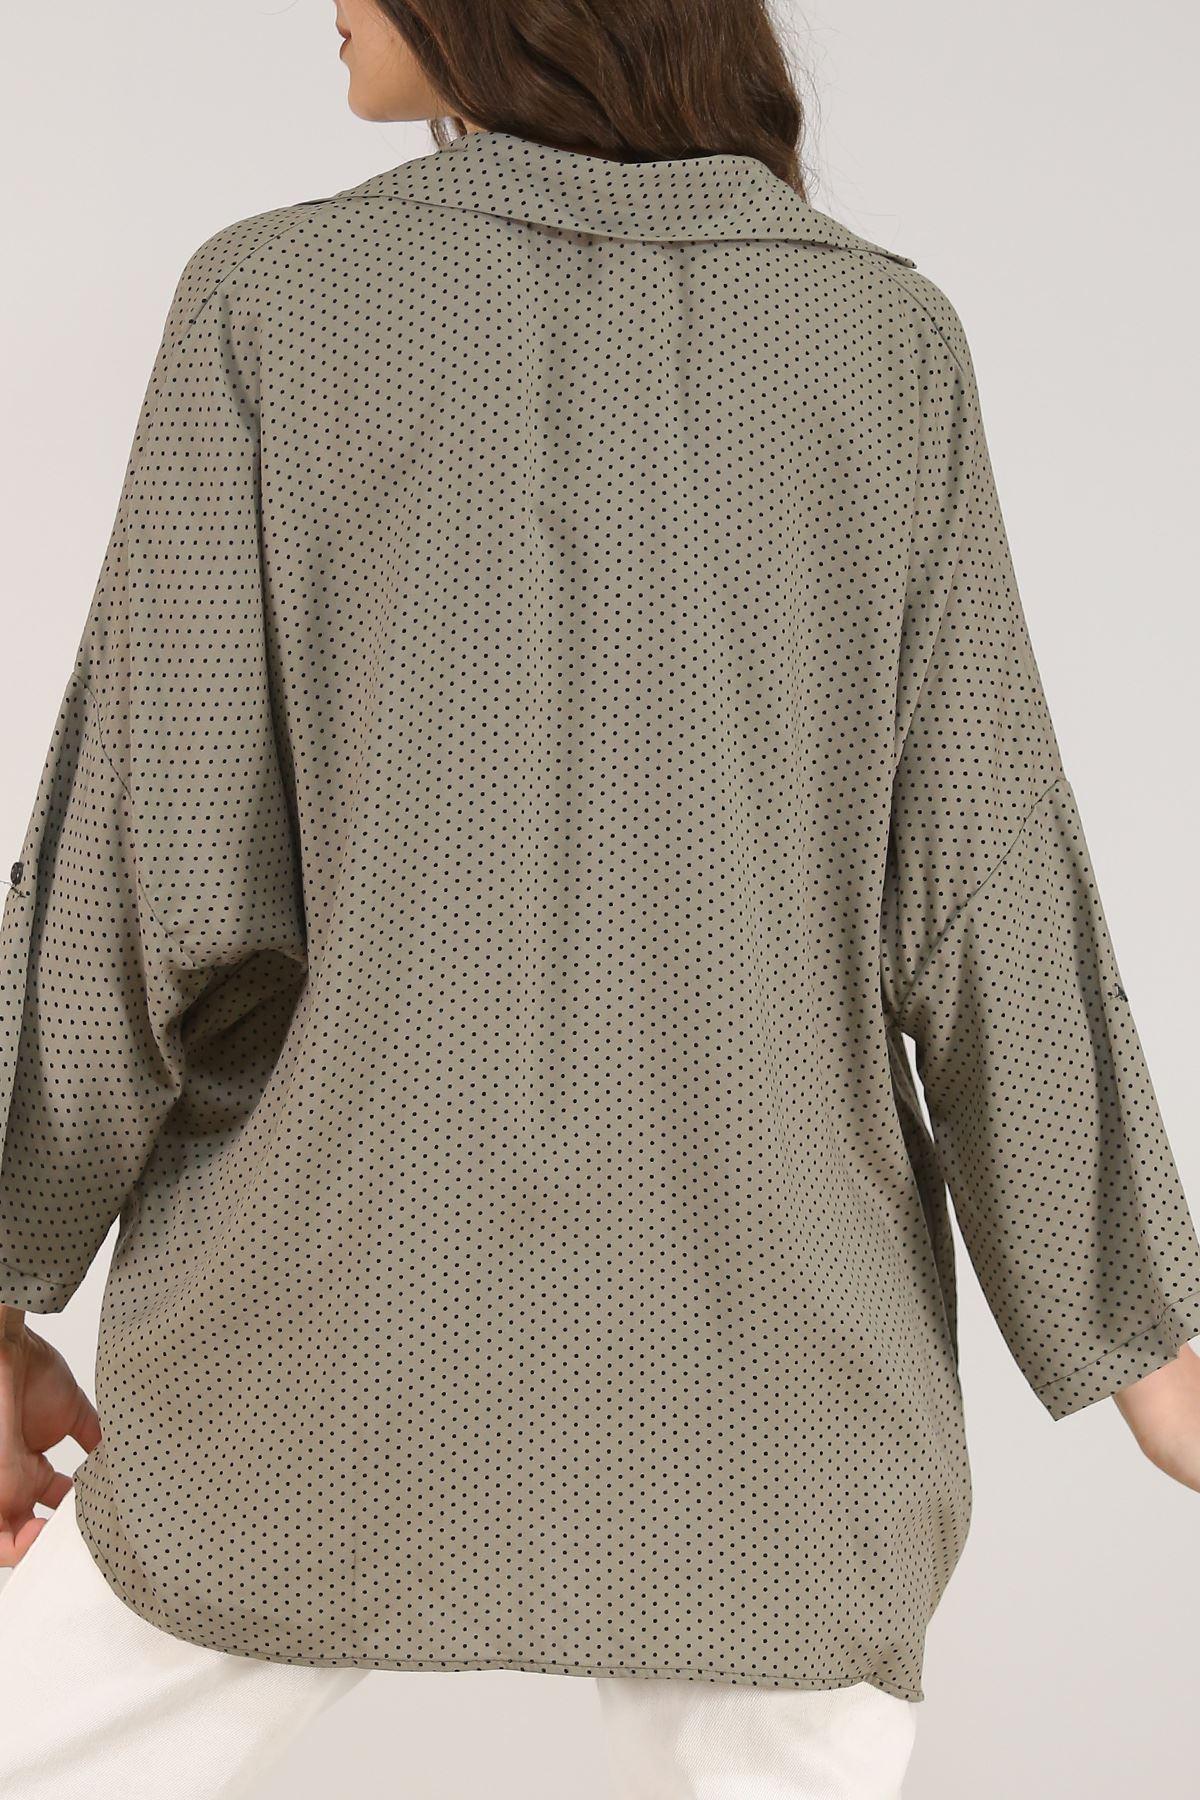 Salaş Gömlek Açıkhaki - 4806.701.